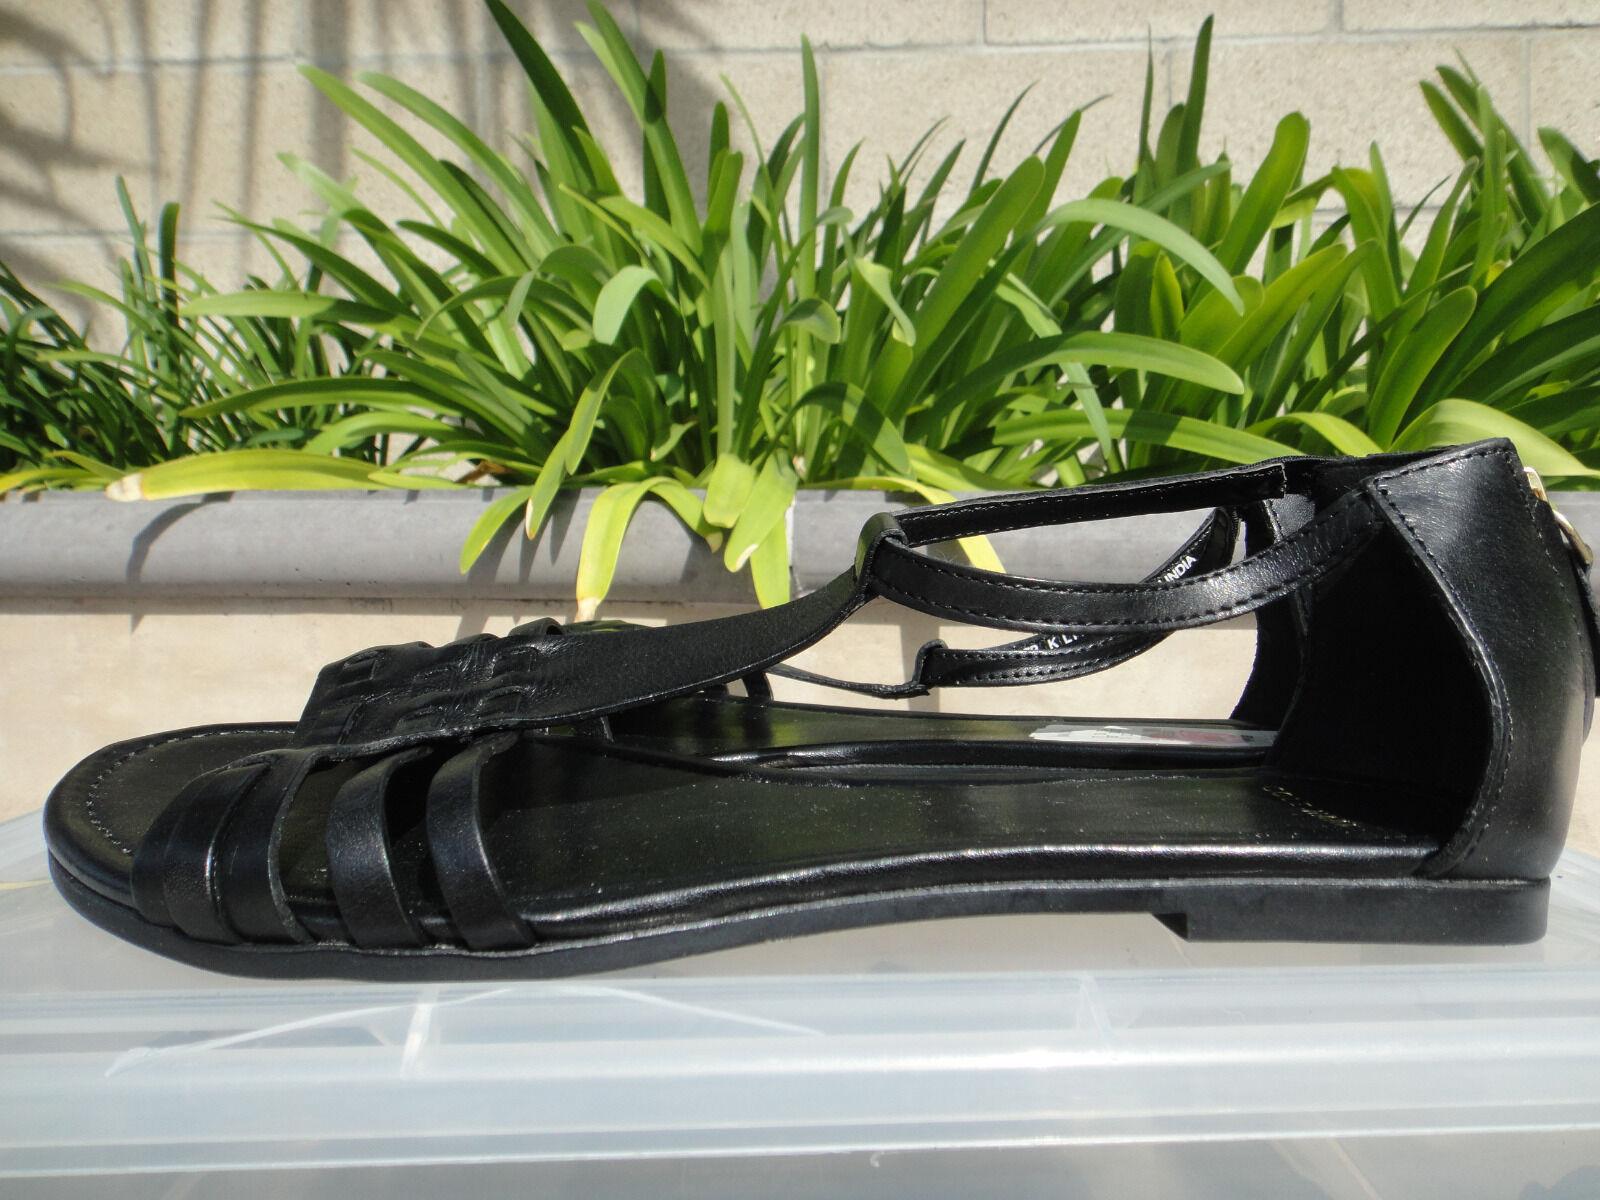 Cole Haan Cady Sandalia, Negro Cuero Con Tiras Plano, Tamaño nos 7M, comprado en casi como nuevo